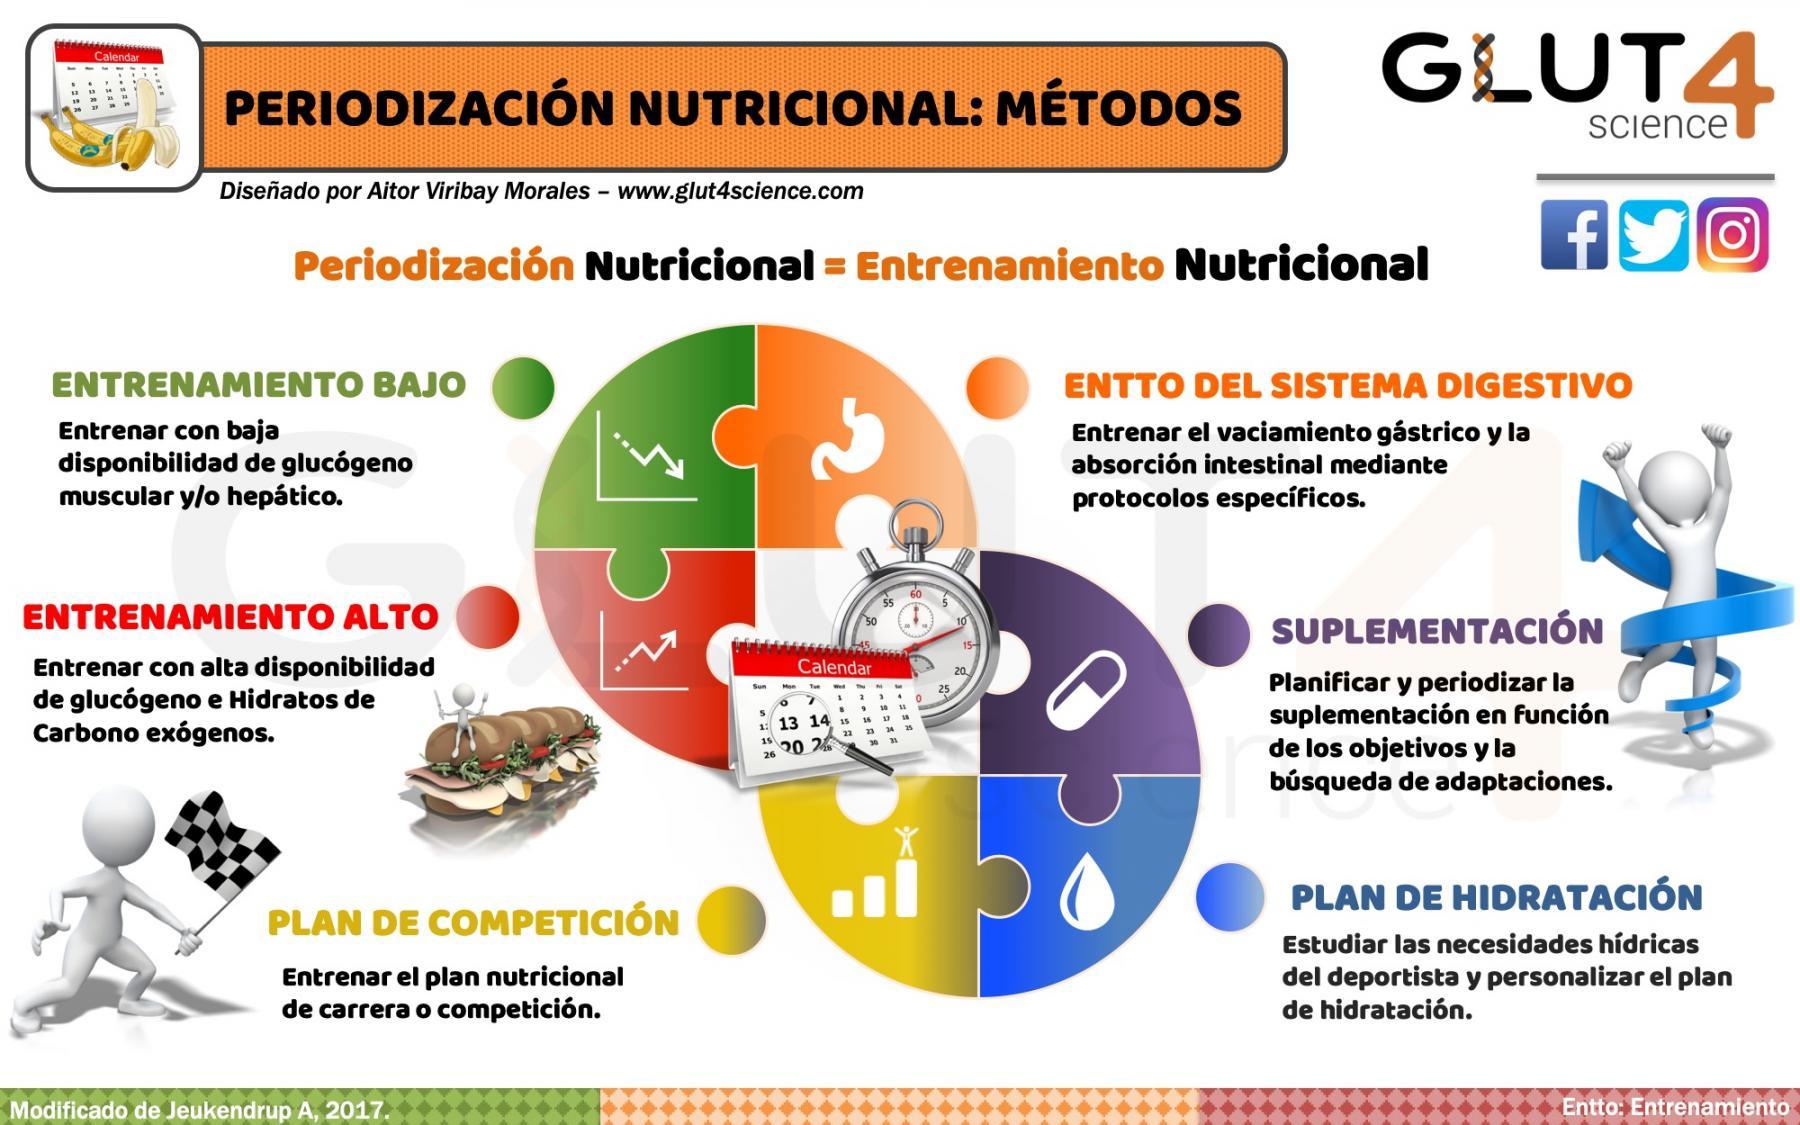 Métodos de Periodización Nutricional - Glut4science